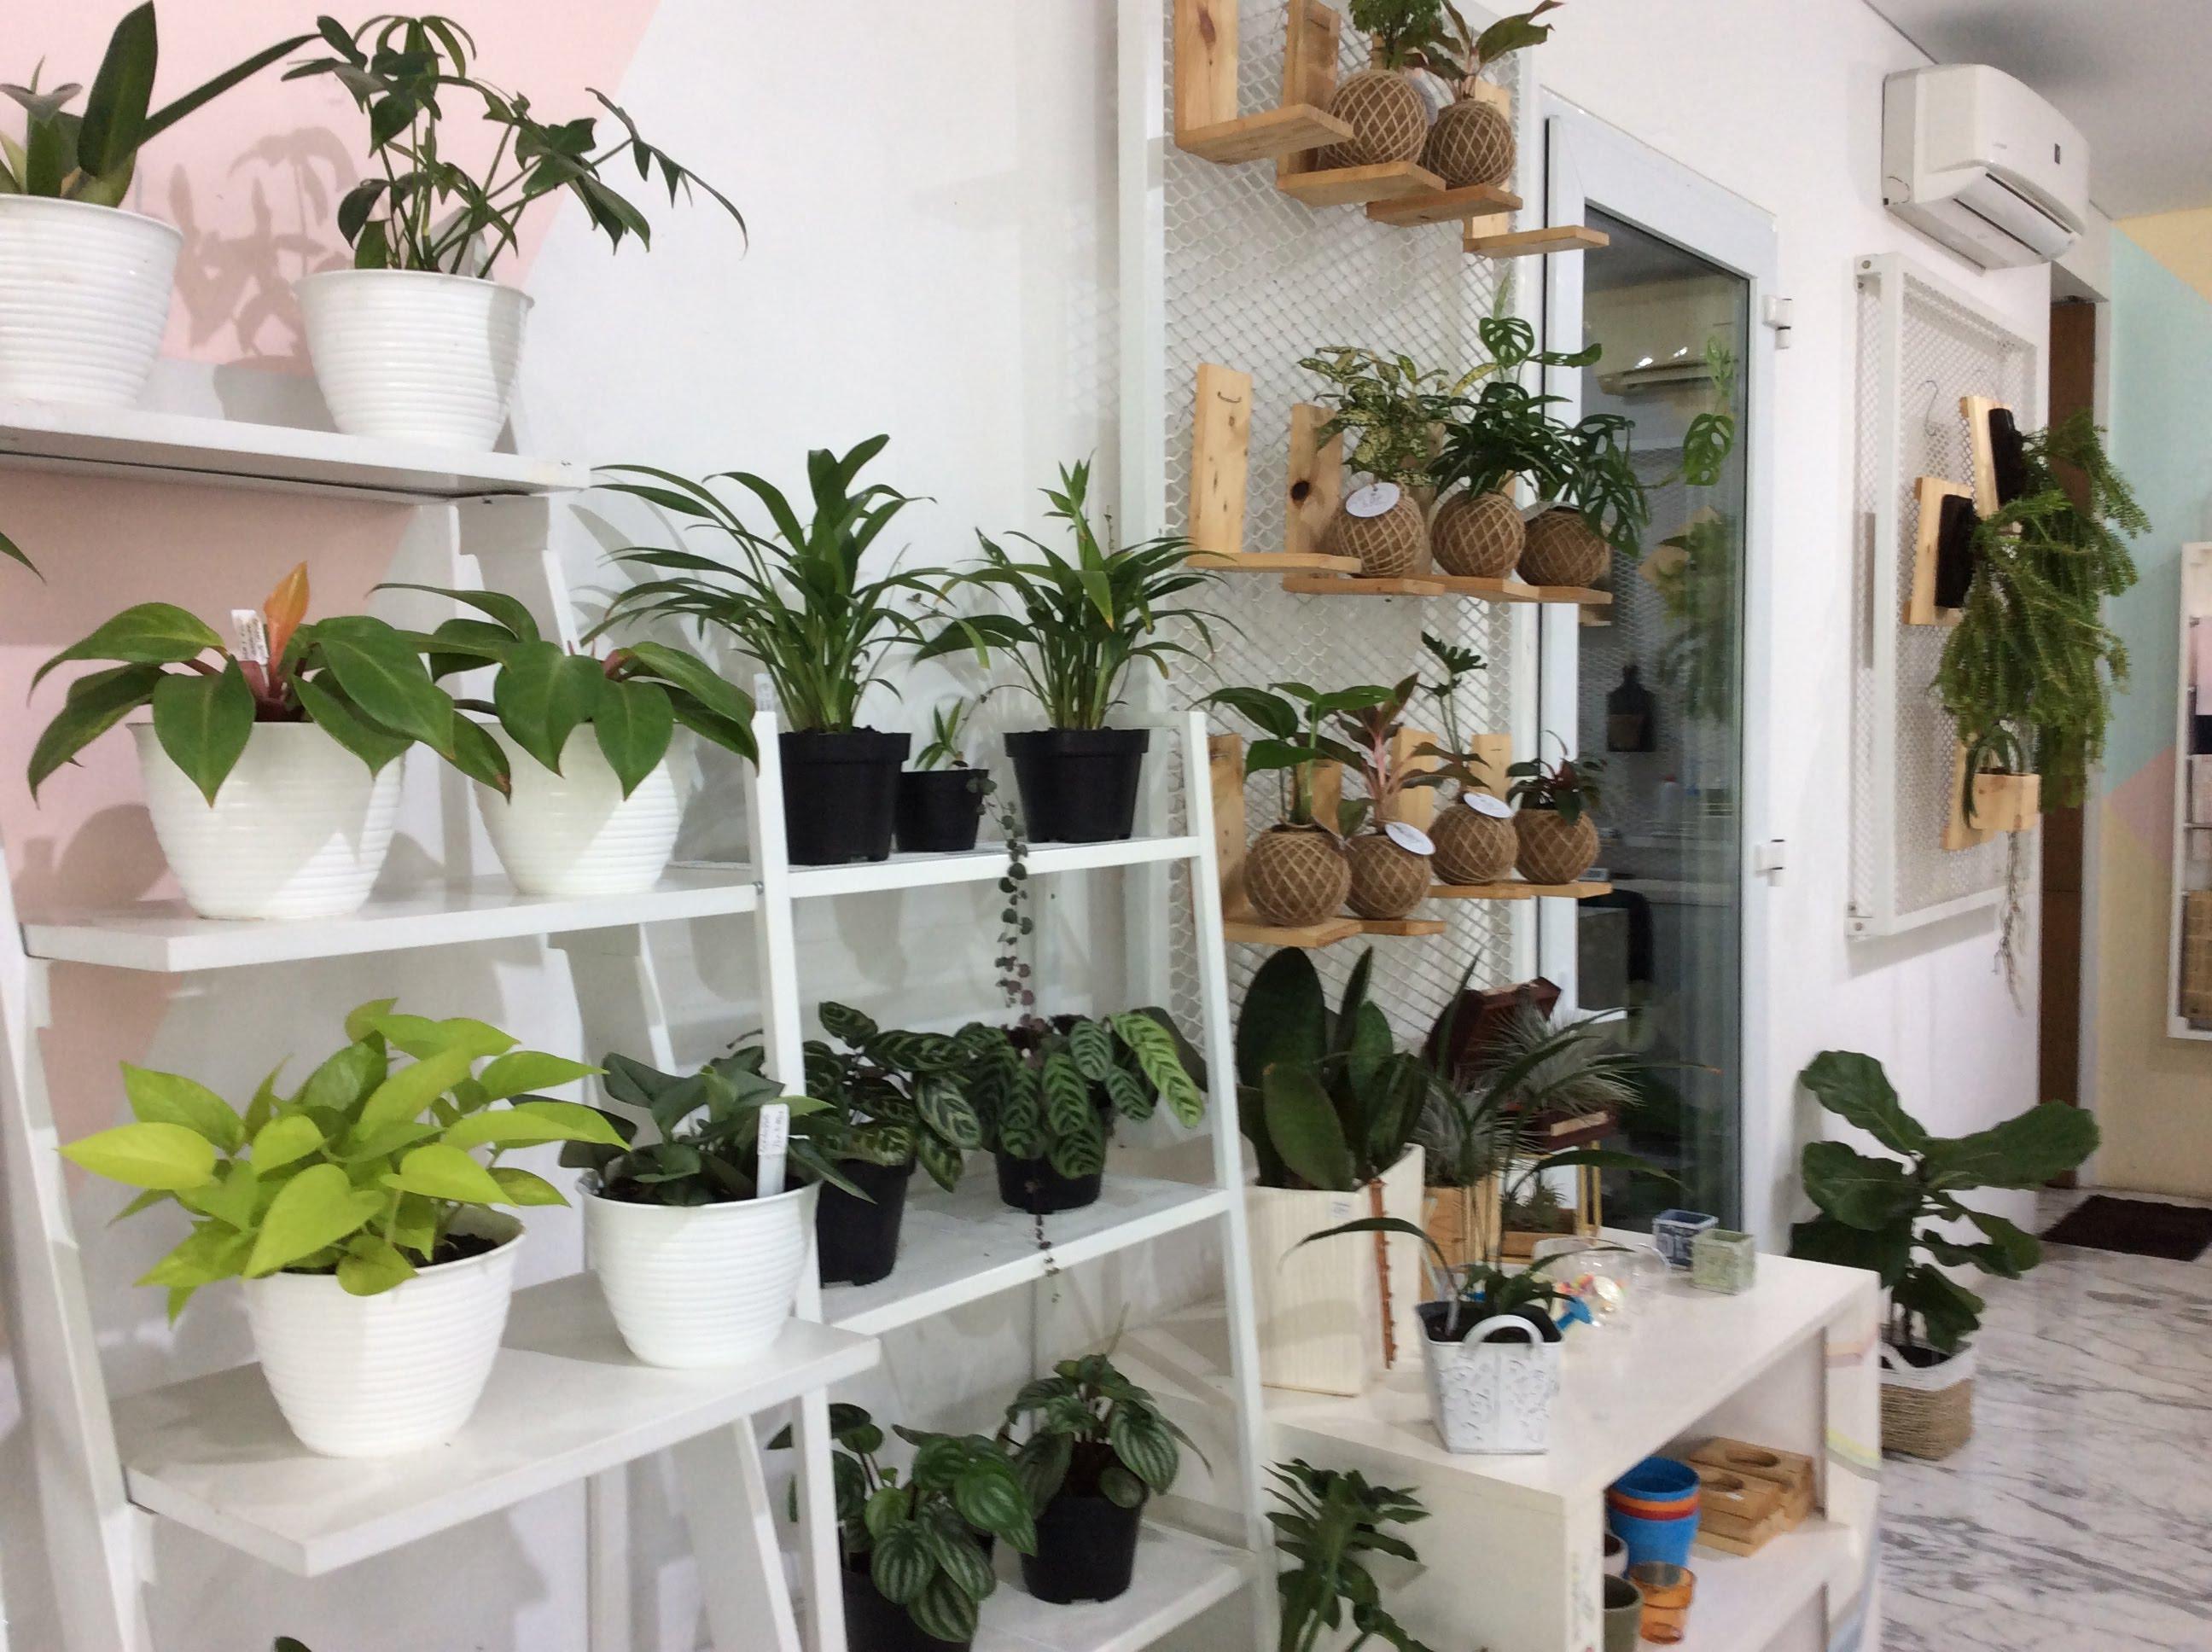 素敵な観葉植物&カフェ空間。ジャカルタでお花を買うならLiving with L.O.F